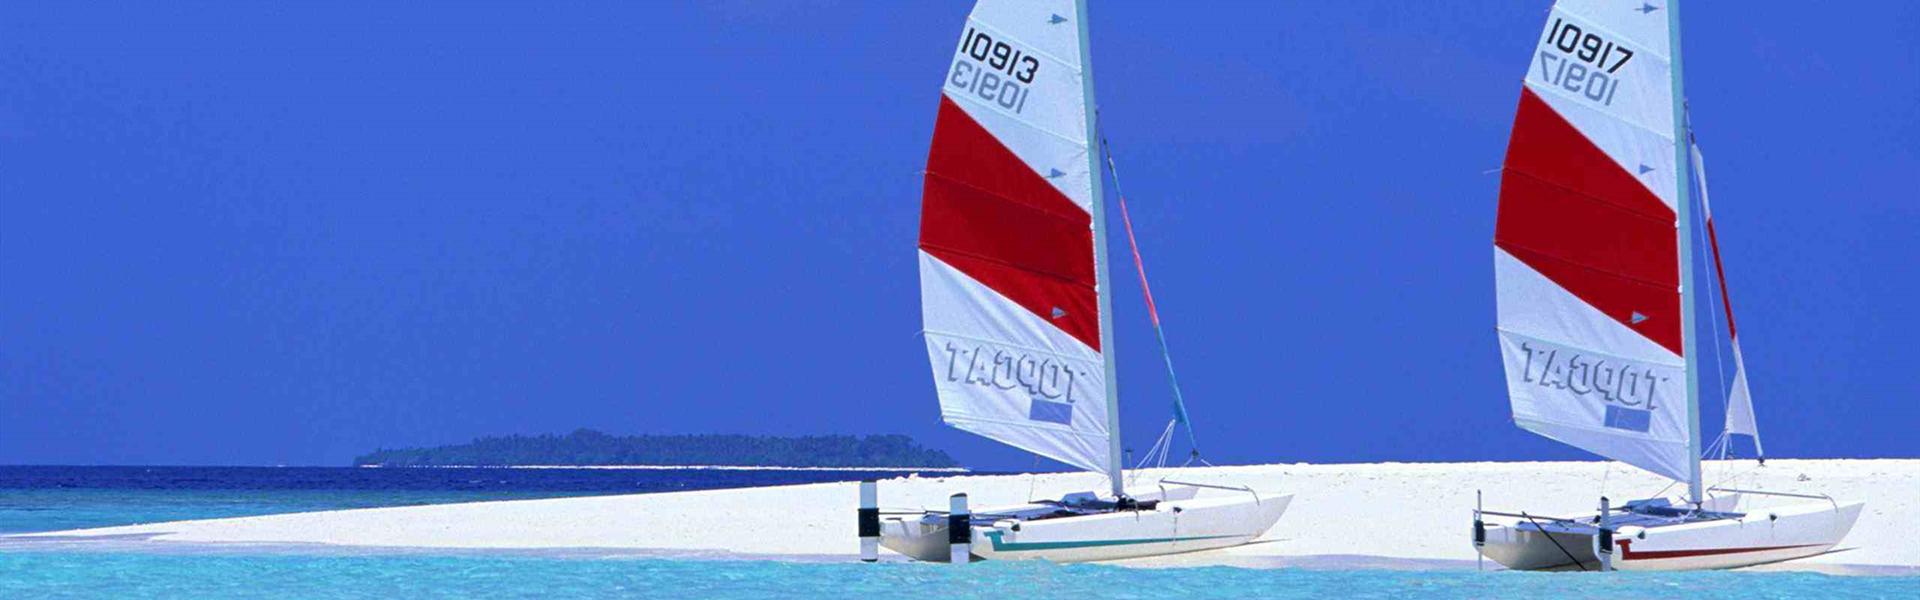 https://yacht-v1.oss-cn-shenzhen.aliyuncs.com/images/travels20190610/5cfdcd0c60113.jpeg